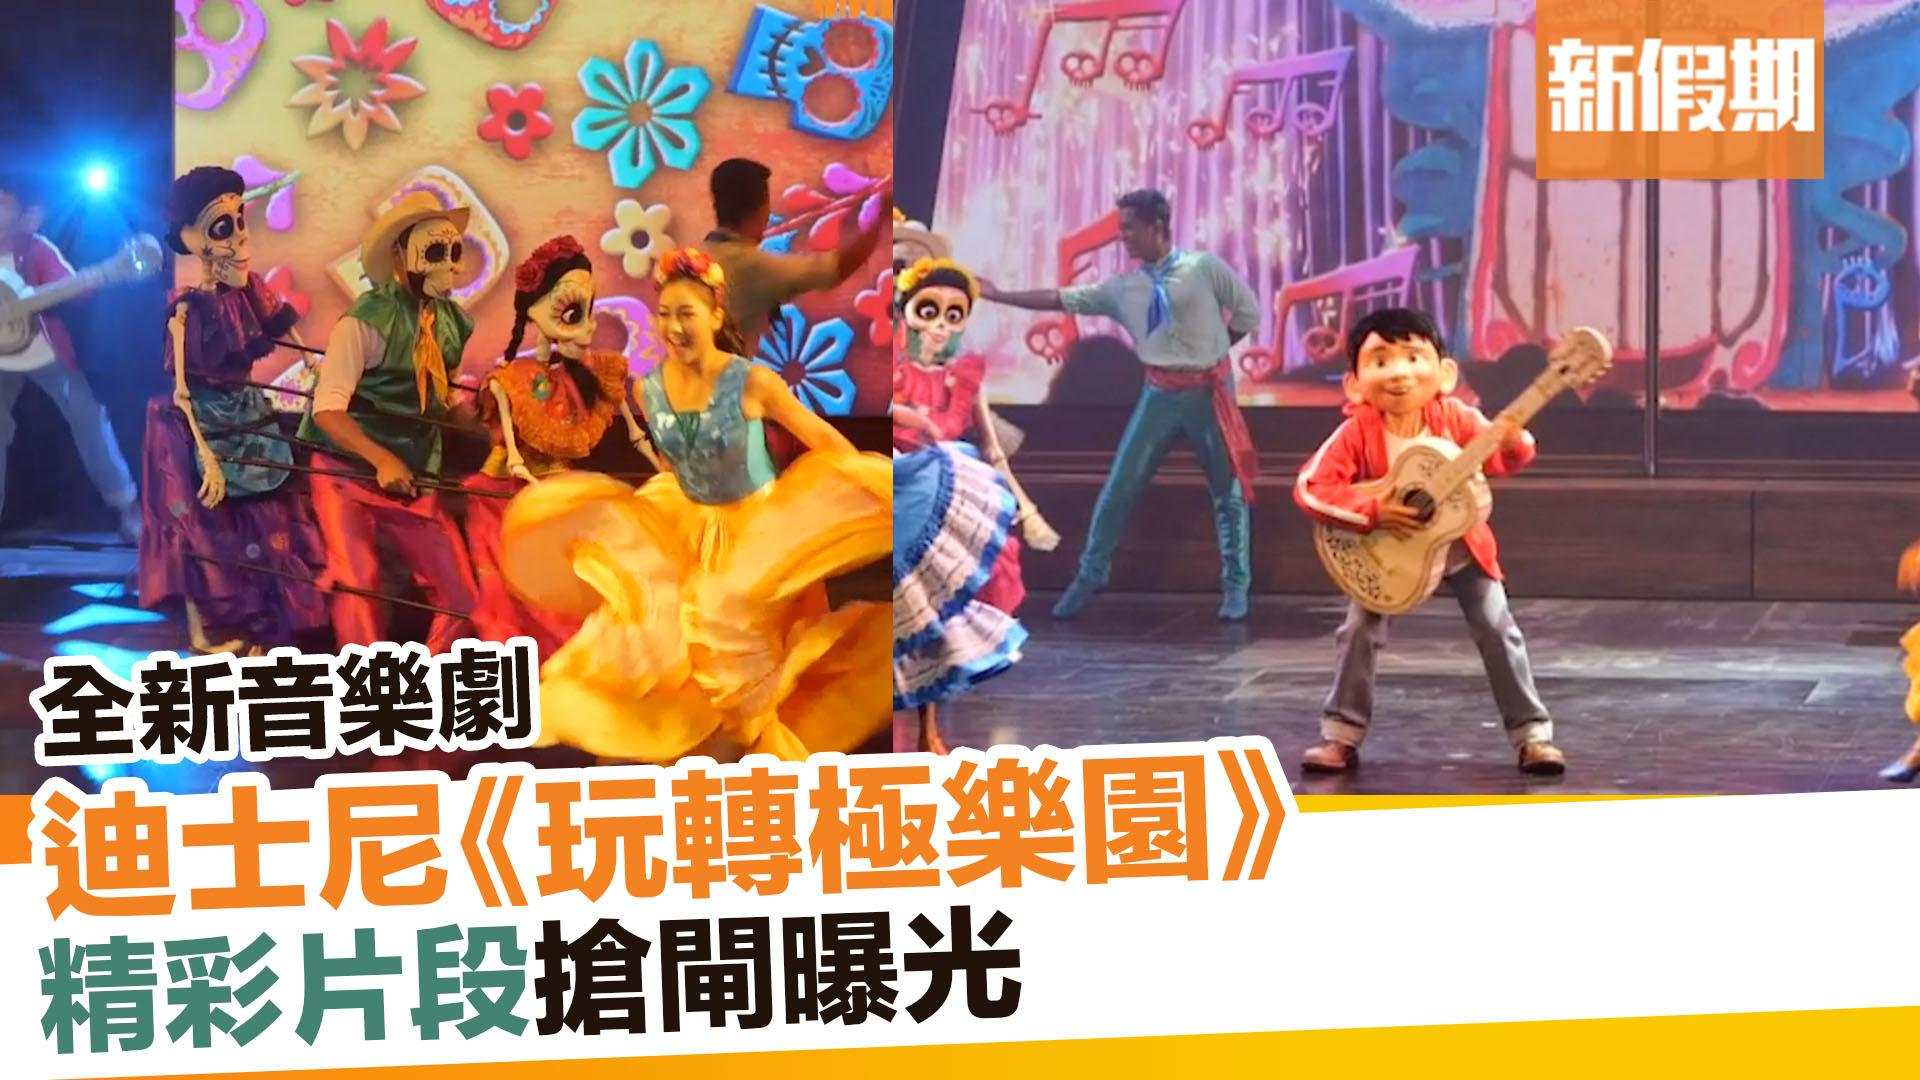 【香港好去處】香港迪士尼樂園全新戶外音樂派對《迪士尼尋夢奇緣》率先睇 新假期